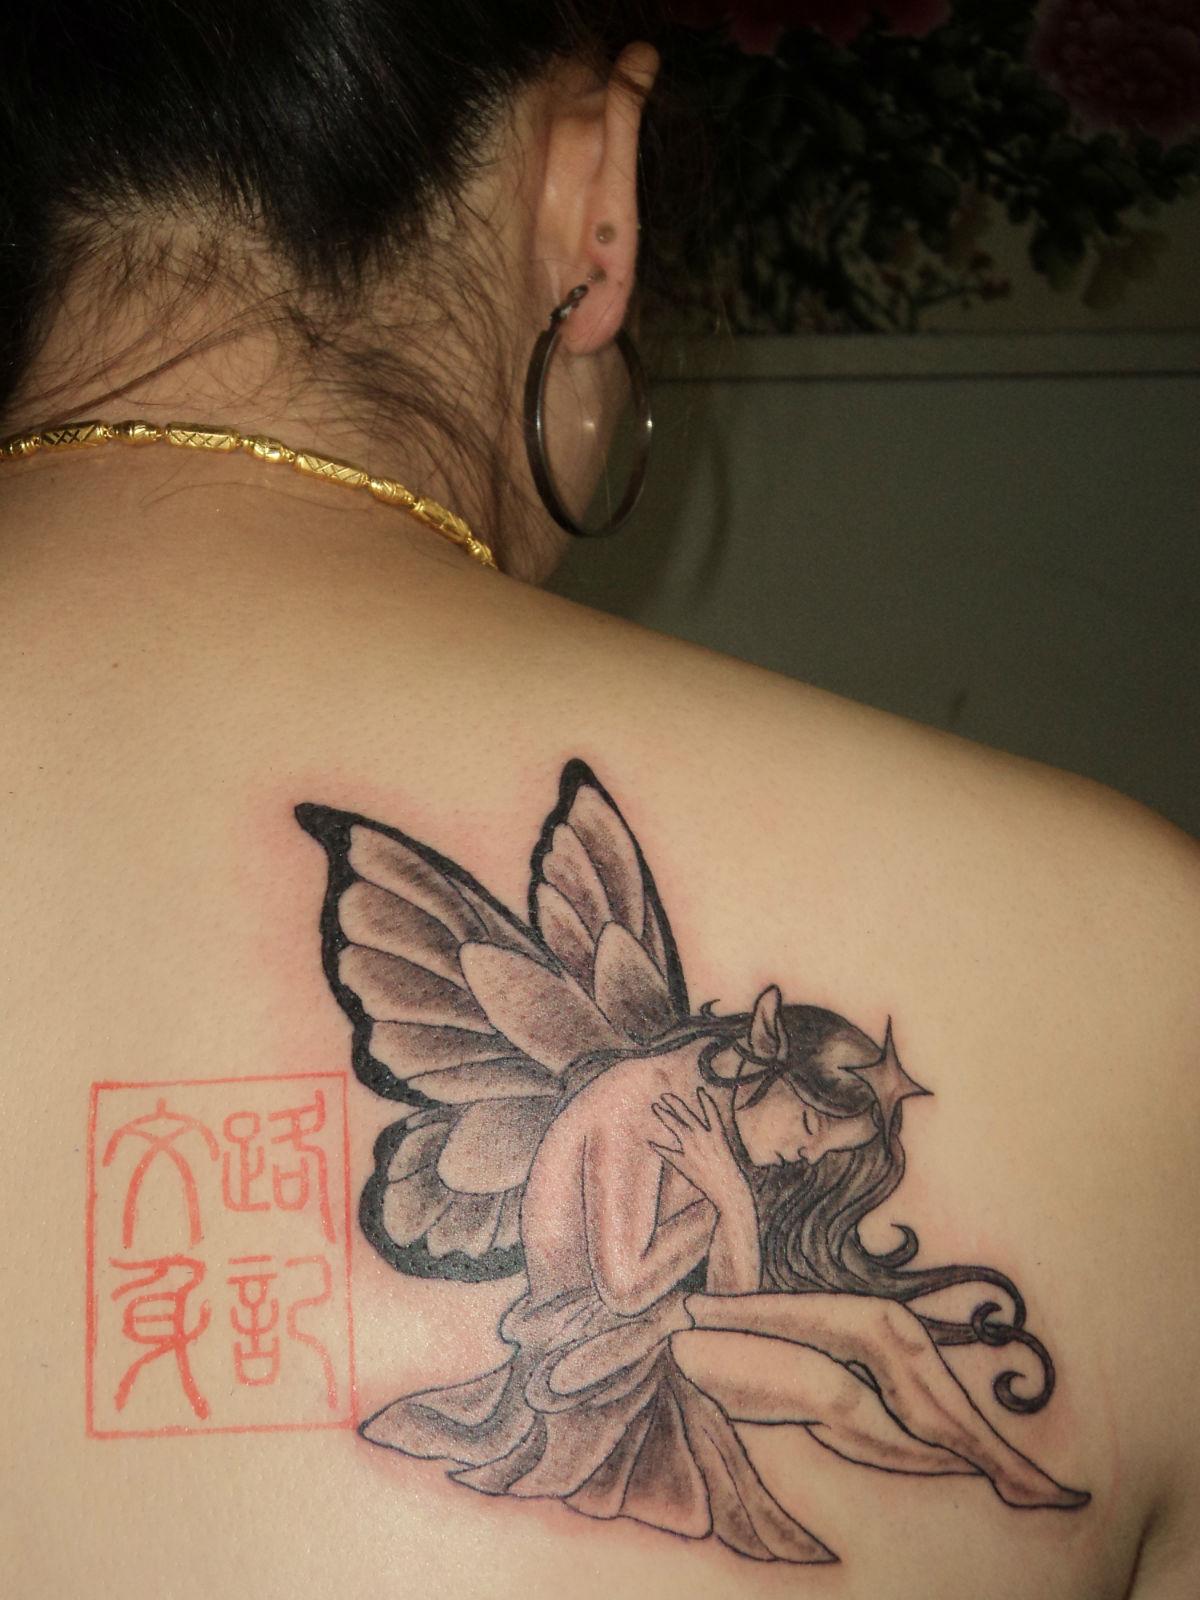 我想纹身,纹一个图案:永远不再相信男人,不再请问代表的爱情,相信应厦门软件学院室内设计图片